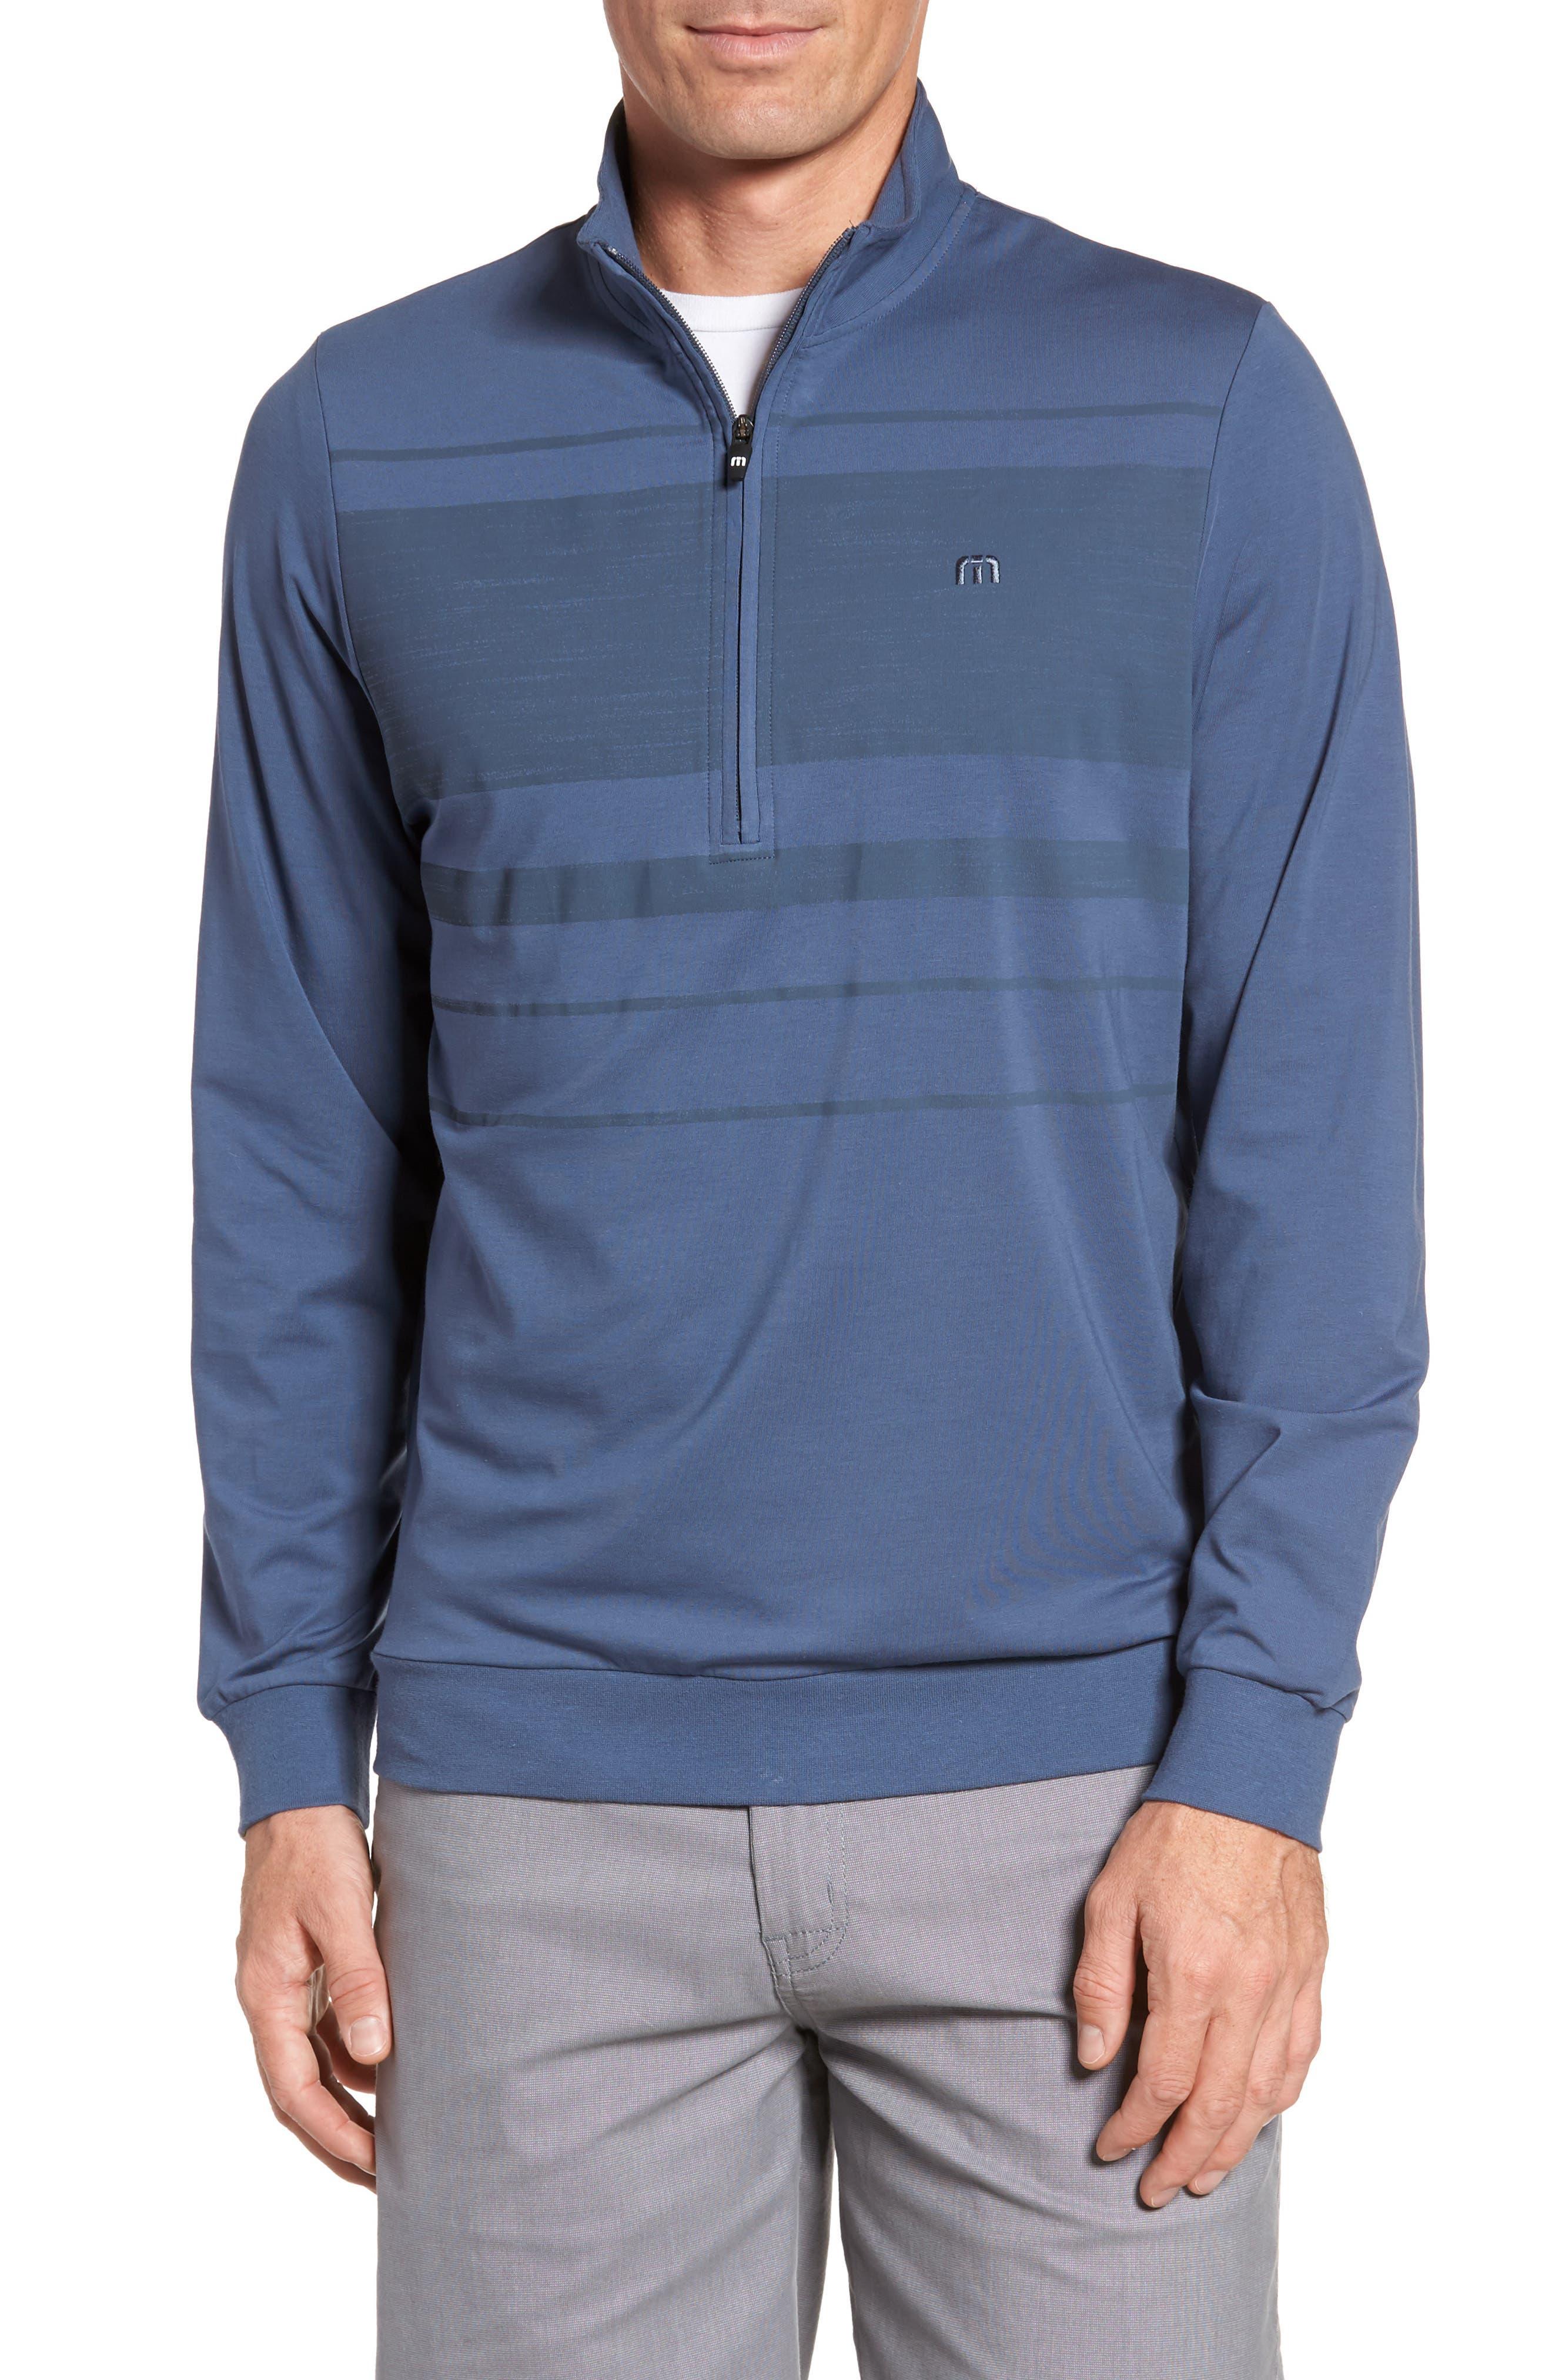 Peace Easy Pullover,                         Main,                         color, Vintage Indigo